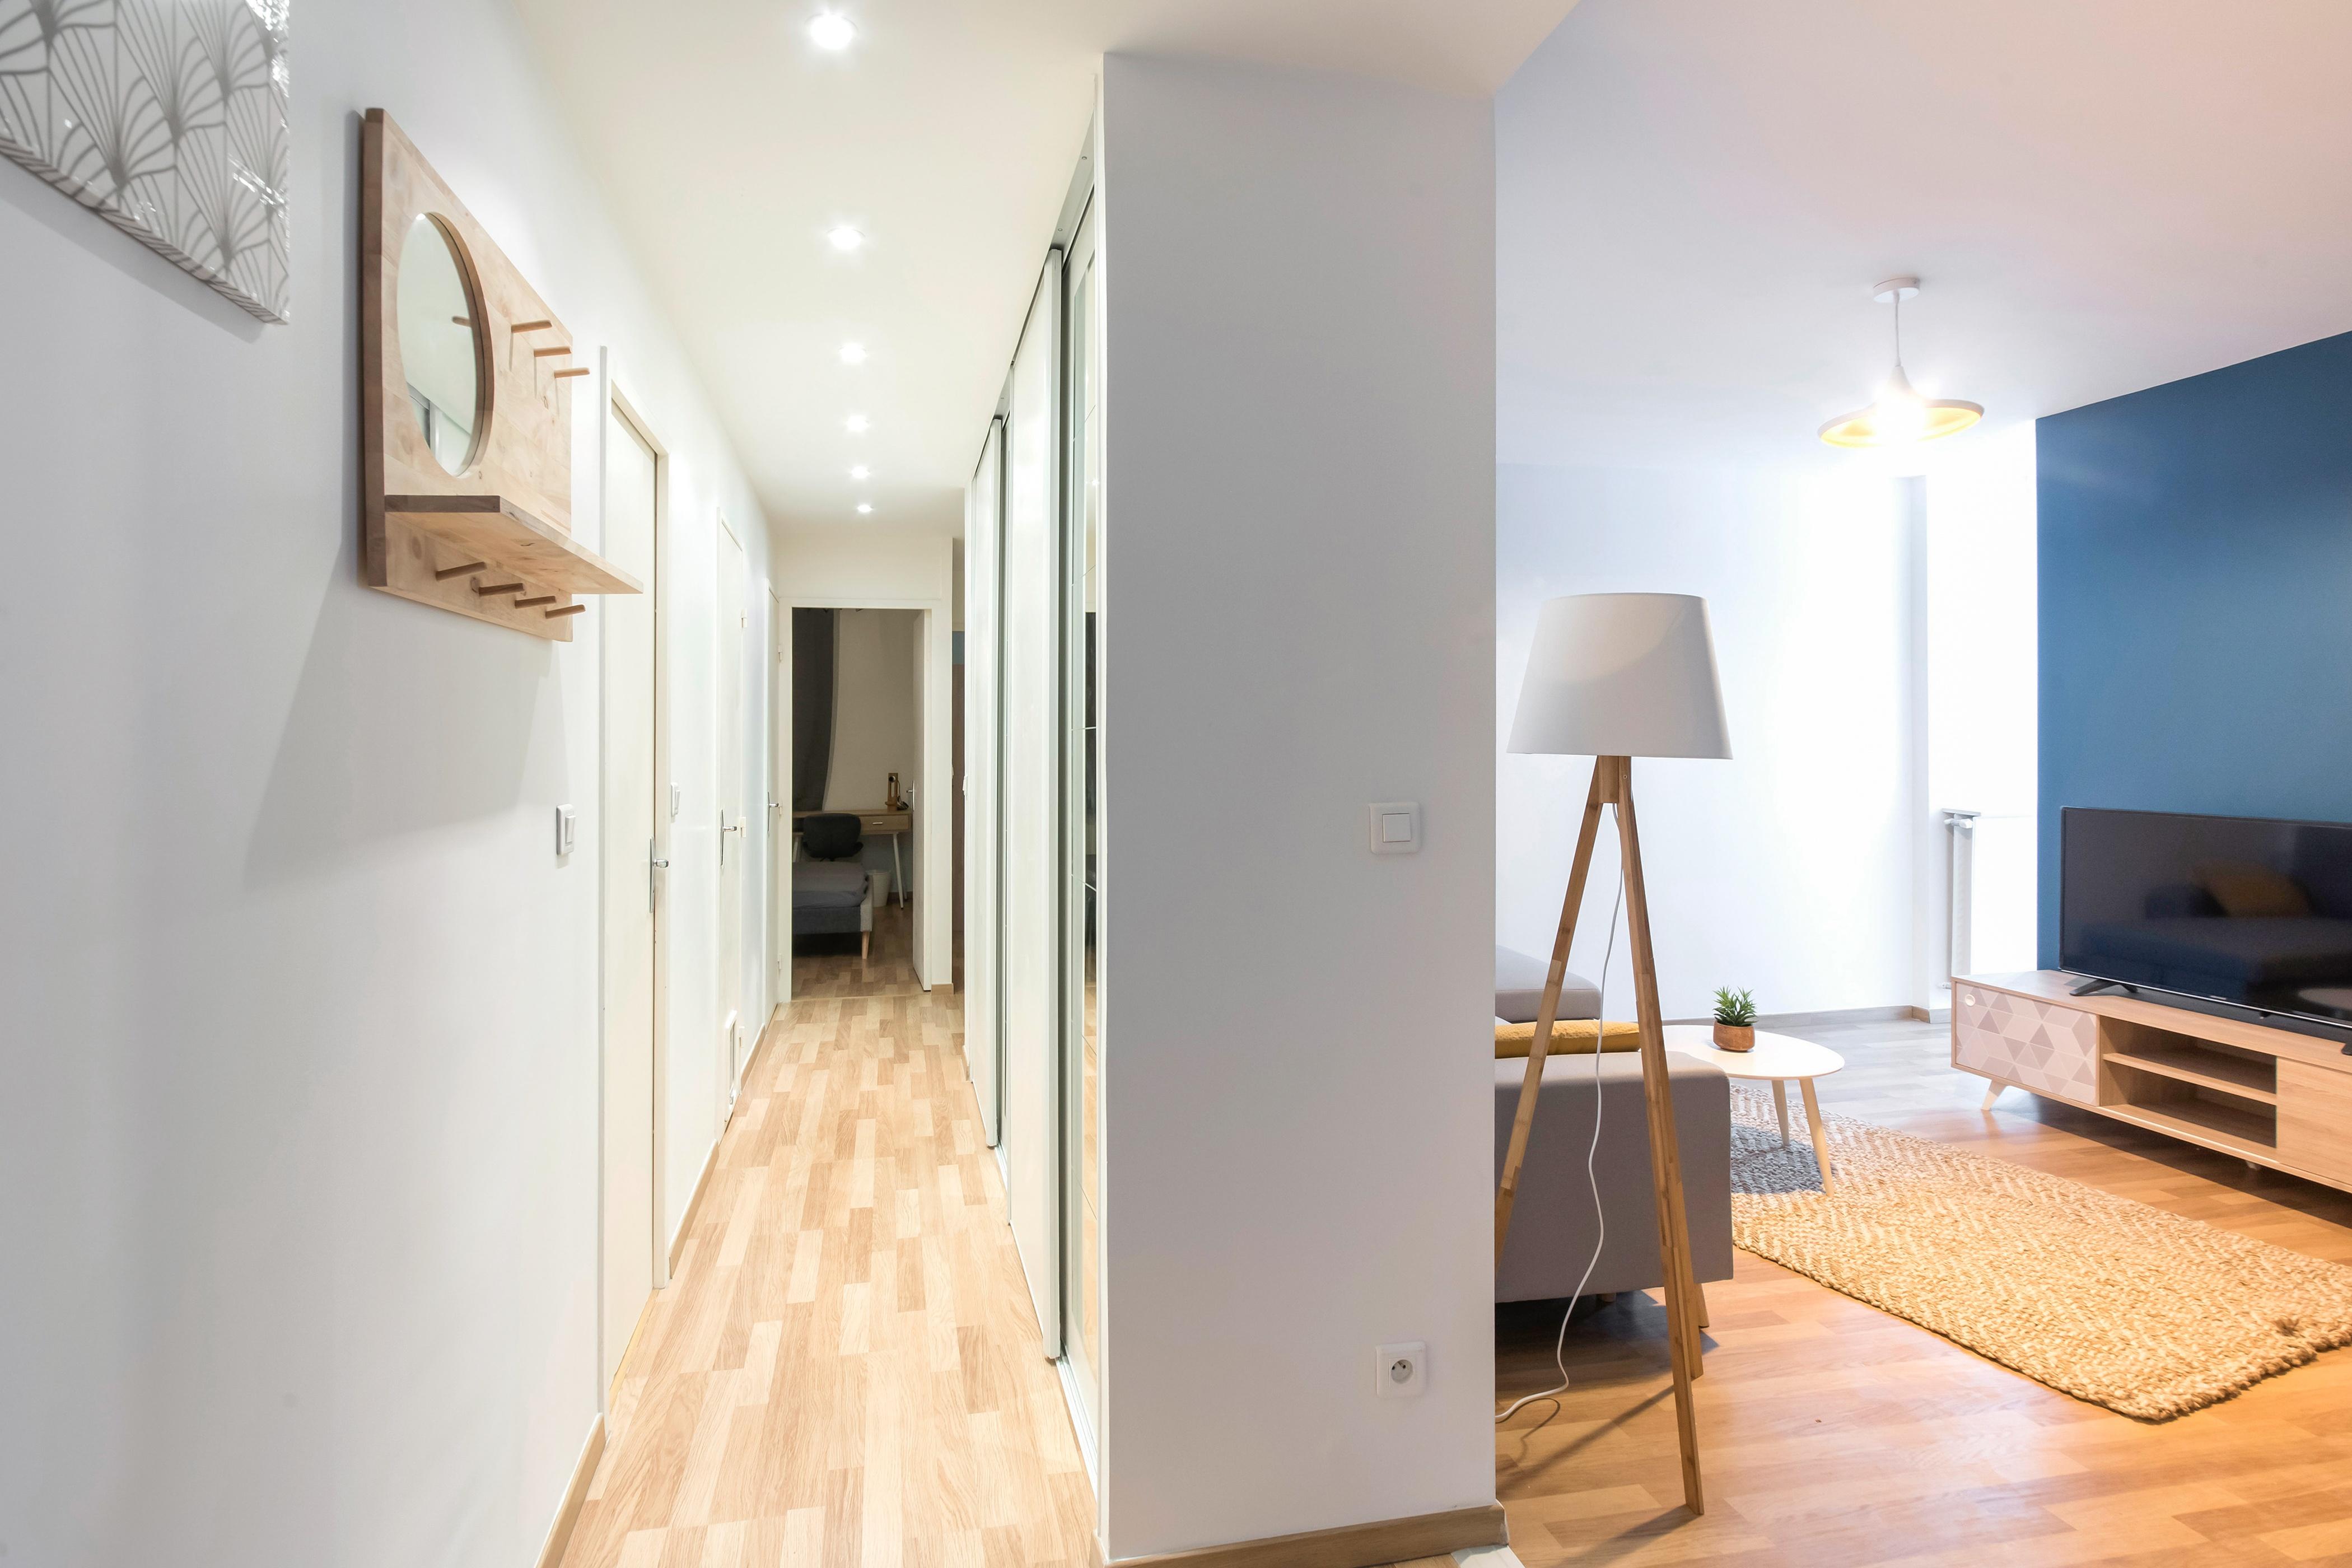 L'idée en colocation est de maximiser le rendement locatif de chaque m2 tout en préservant le confort des occupants. Il faut pour cela trouver un juste milieu quant au ratio nombre de chambres par rapport à la surface des espaces communs. Un grand classique de l'investissement en colocation est de diviser, quand il y a assez de fenêtres et que l'espace est suffisant, le salon en deux pour créer une chambre de plus, et donc un loyer supplémentaire. C'est ce que nous avons fait ici. Rénovation et décoration signée Masteos.